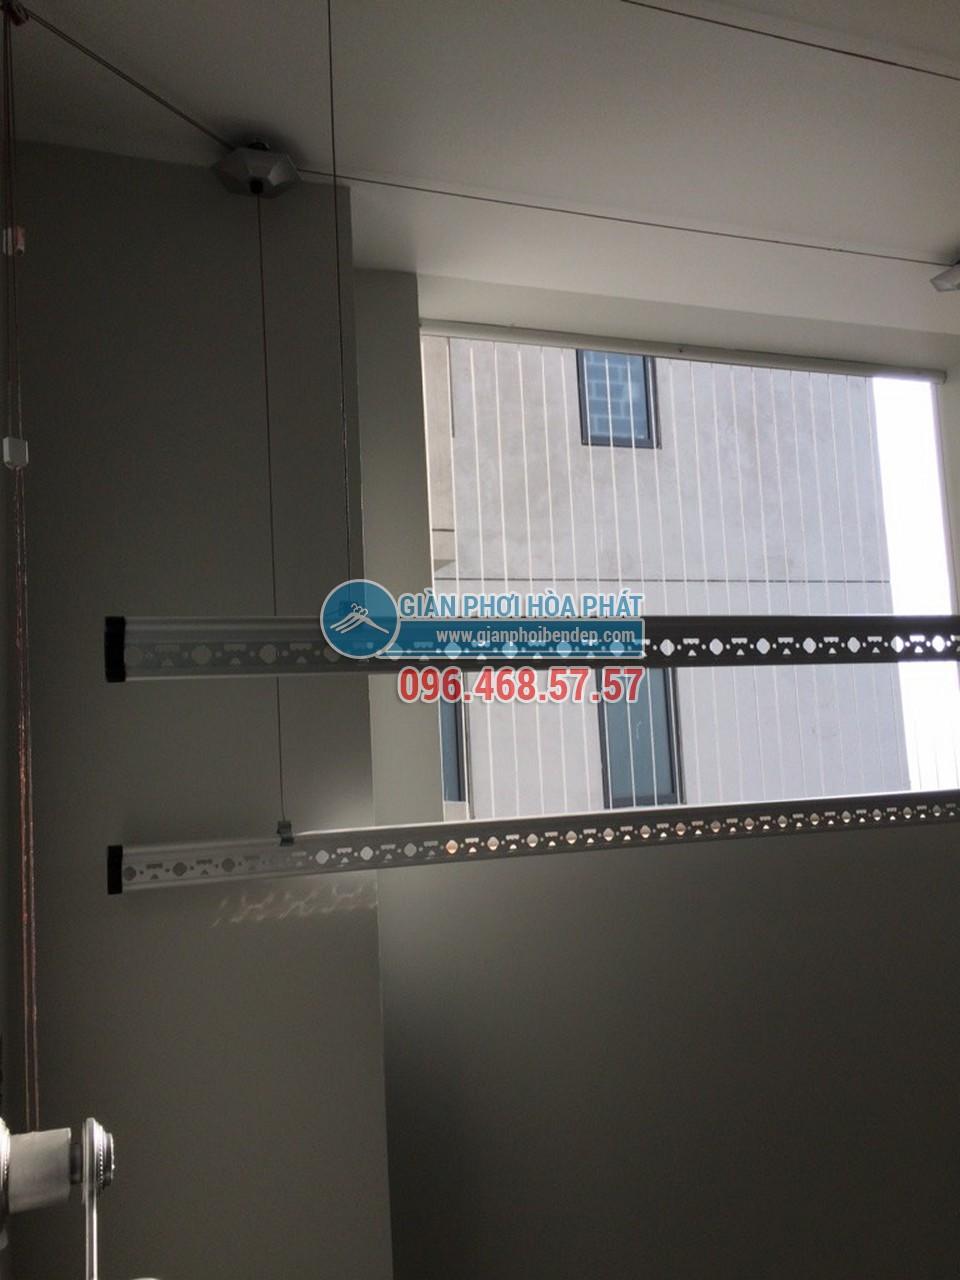 Lắp đặt giàn phơi thông minh cho ban công chung cư nhà chị Hà, tòa Linh Đàm HH2